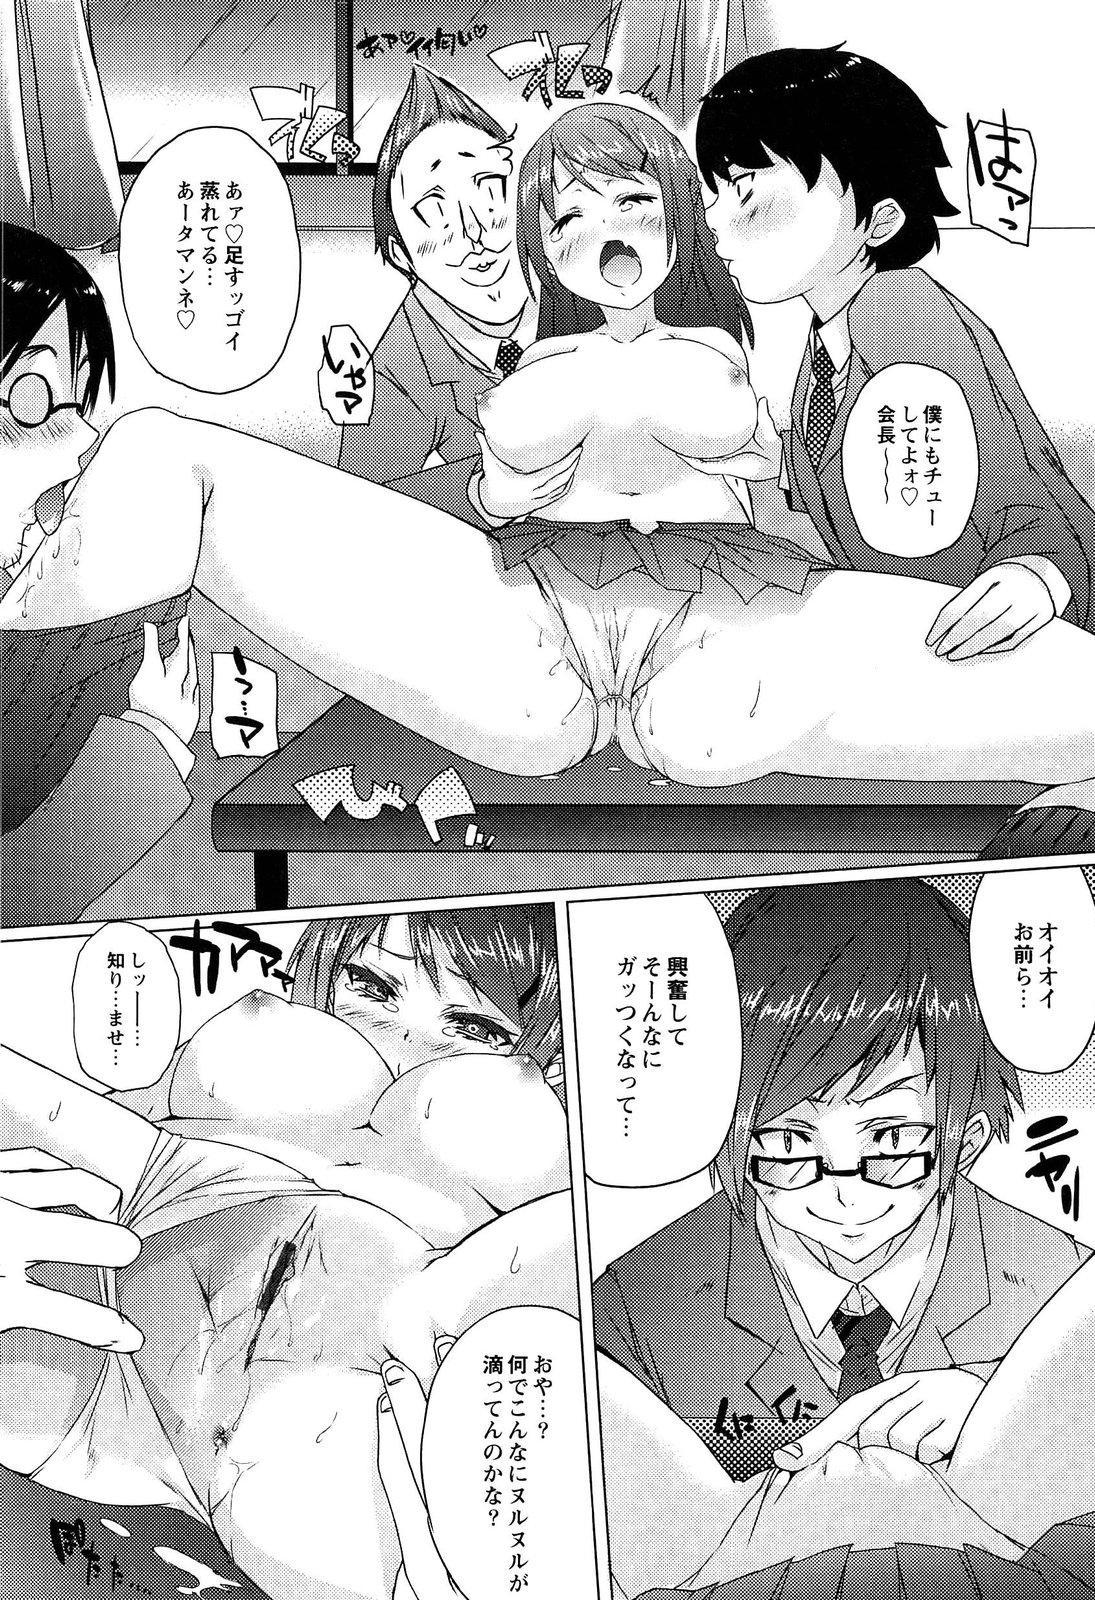 Torokeru Ochipo Milk 53